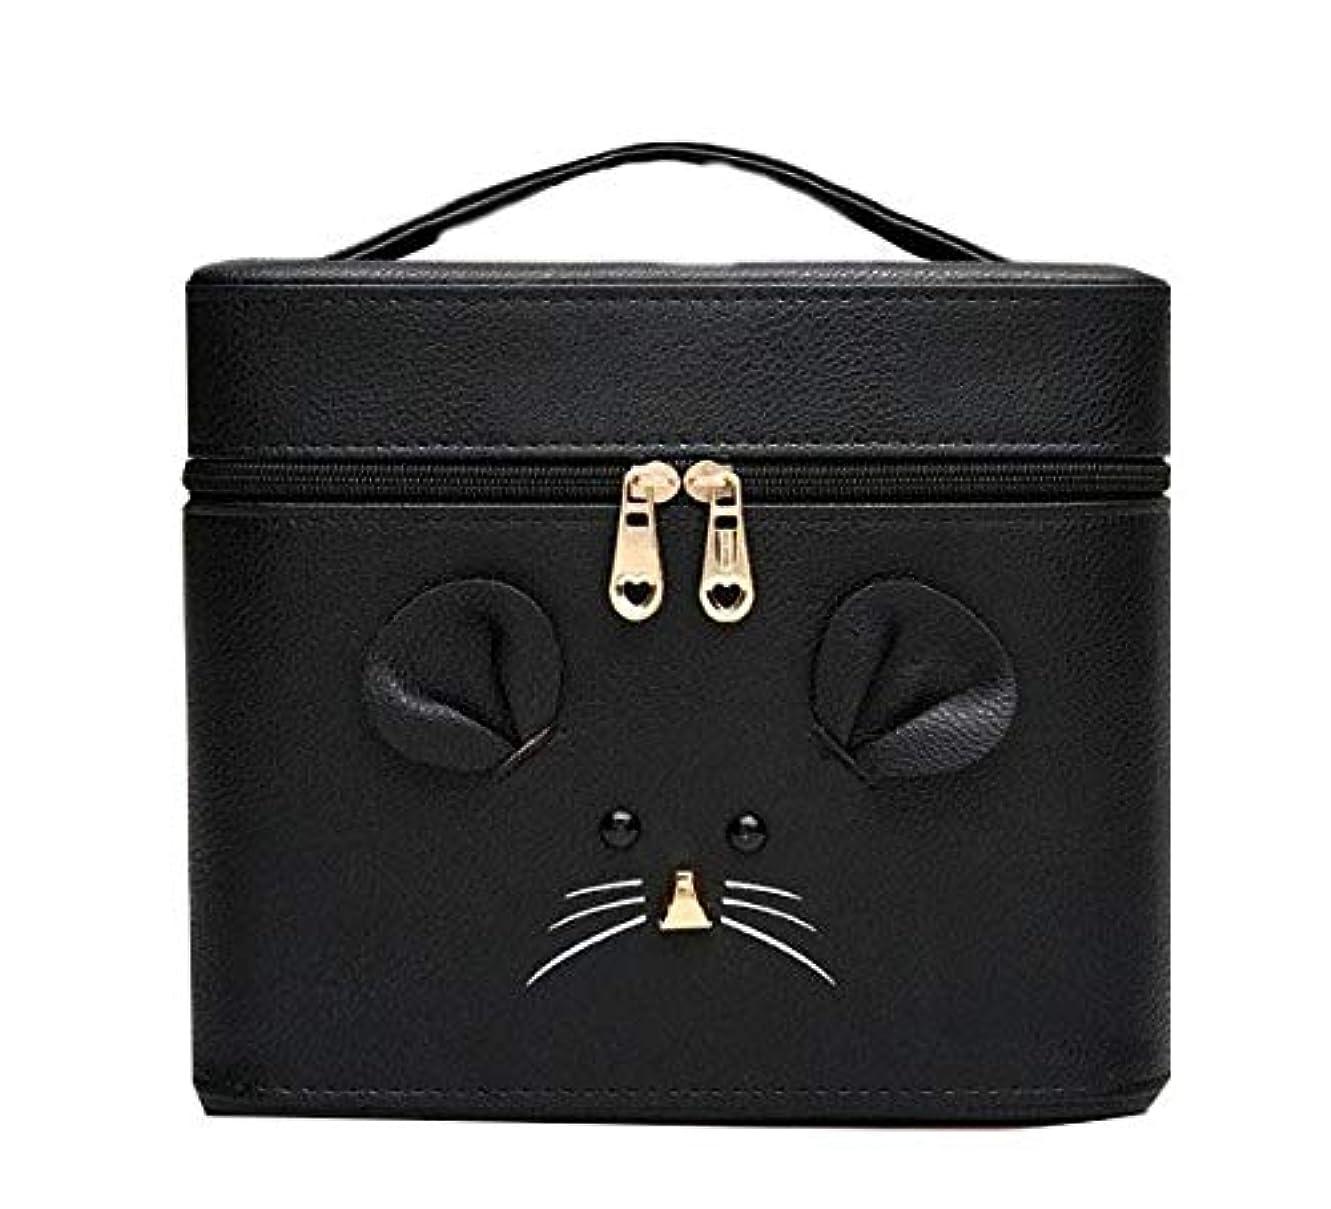 化粧箱、黒漫画のマウス化粧ケース、ポータブル旅行化粧品ケース、美容ネイルジュエリー収納ボックス (Size : S)